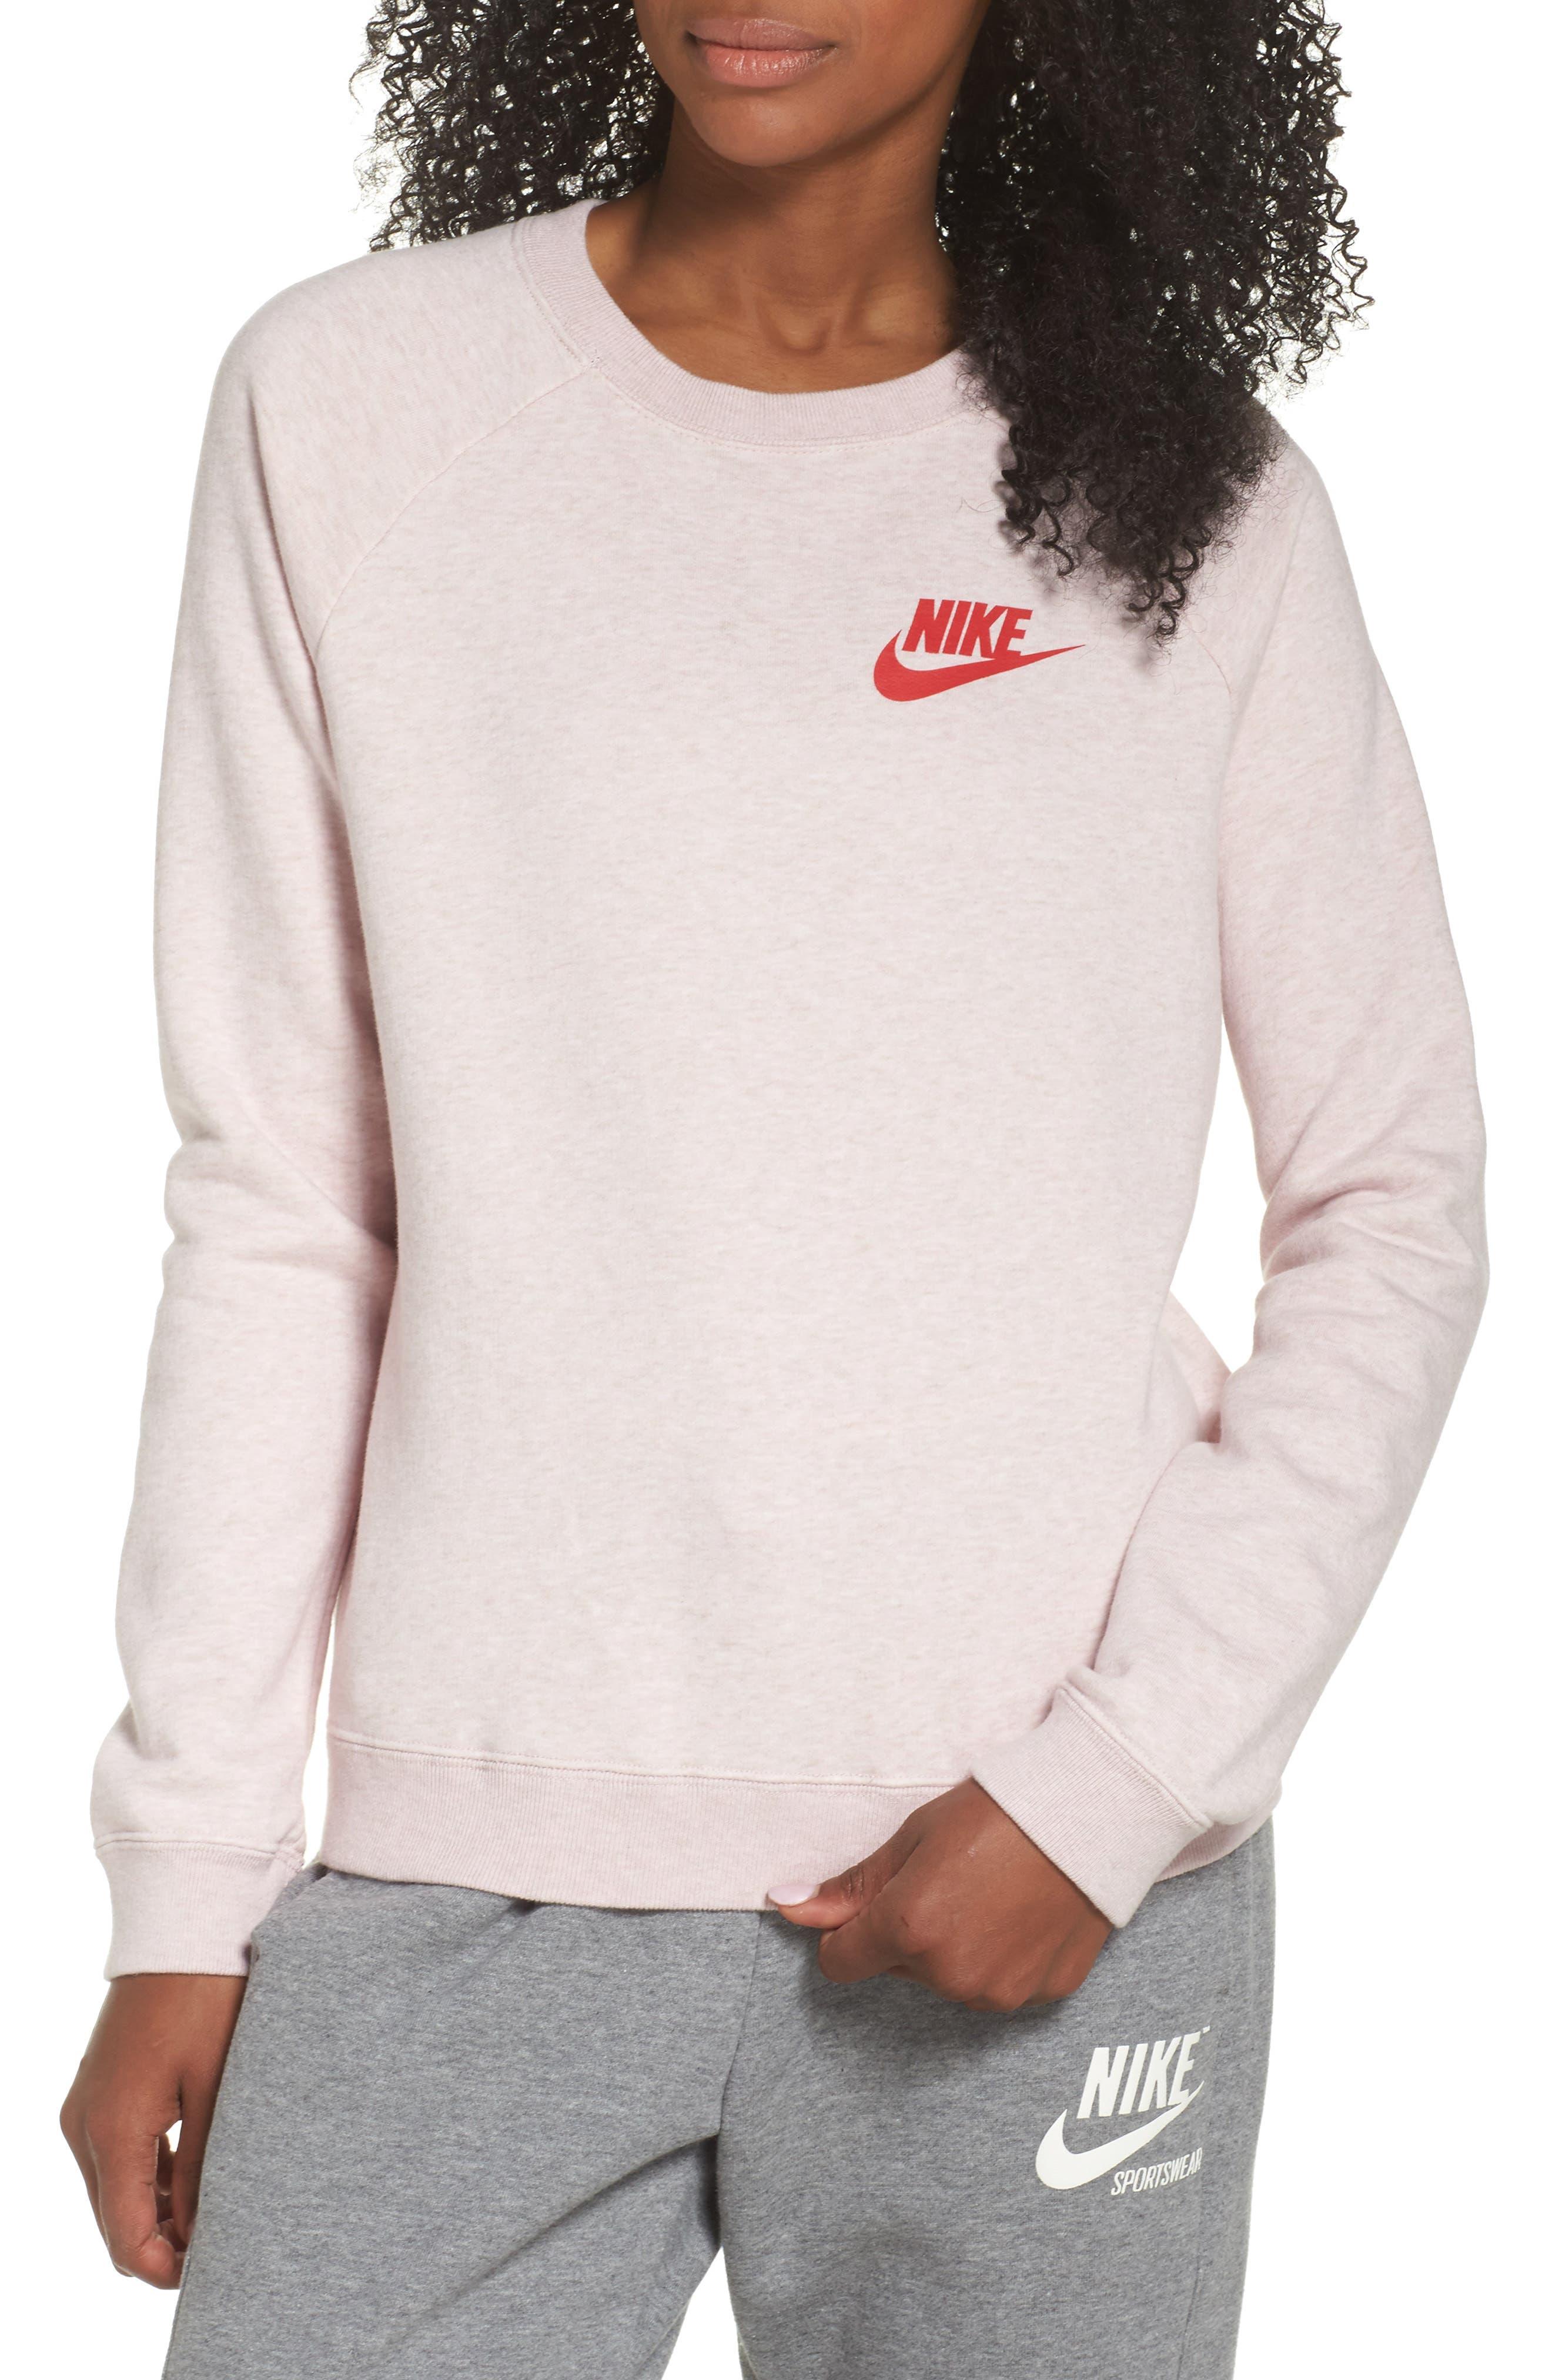 Nike Sportswear Rally Sweatshirt Nordstrom Rack [ 4048 x 2640 Pixel ]